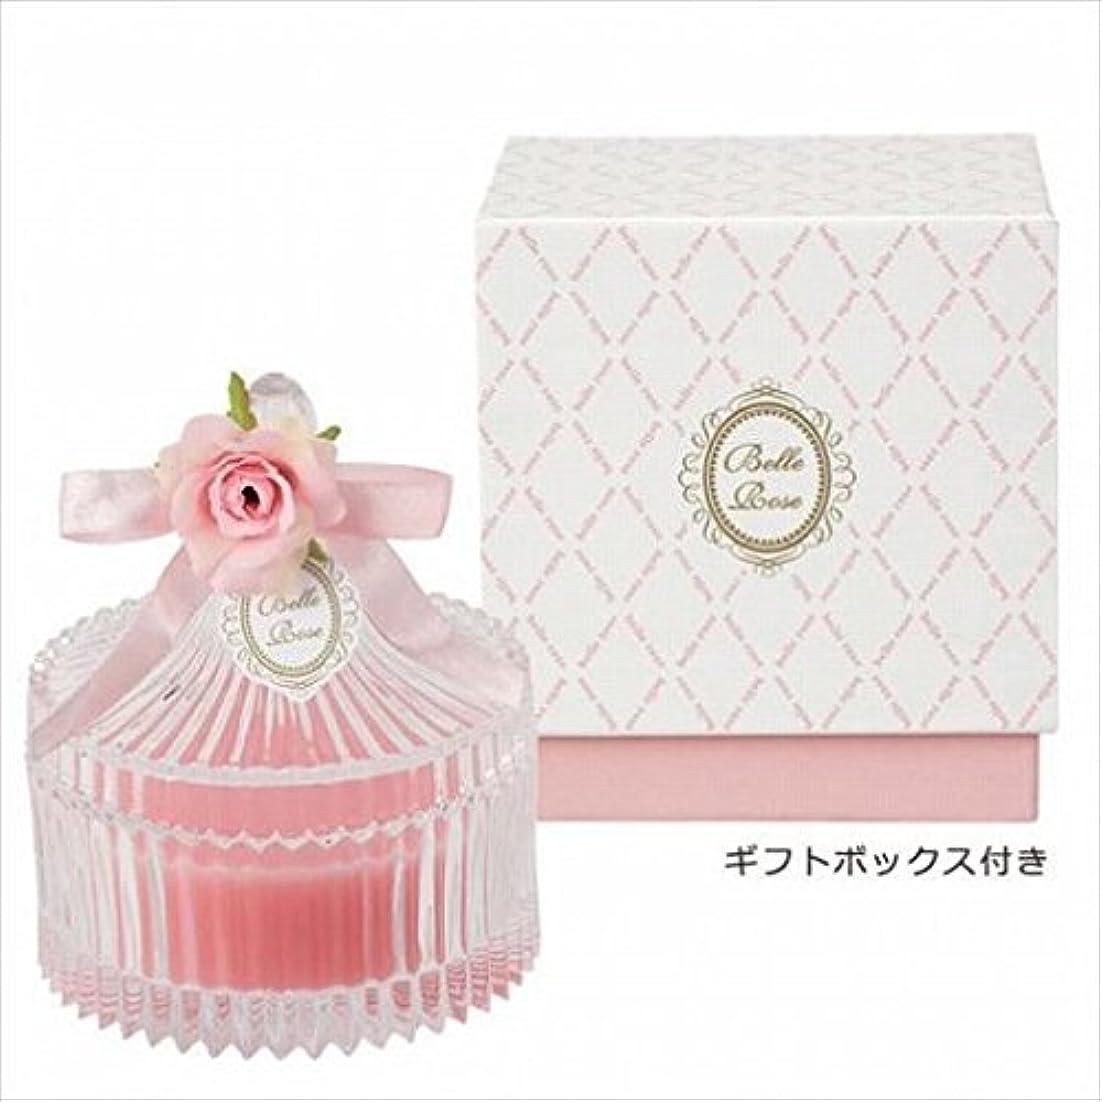 致命的な次へ鉛筆kameyama candle(カメヤマキャンドル) ベルローズキャニスター 「 ピンク 」 キャンドル(A5920500PK)